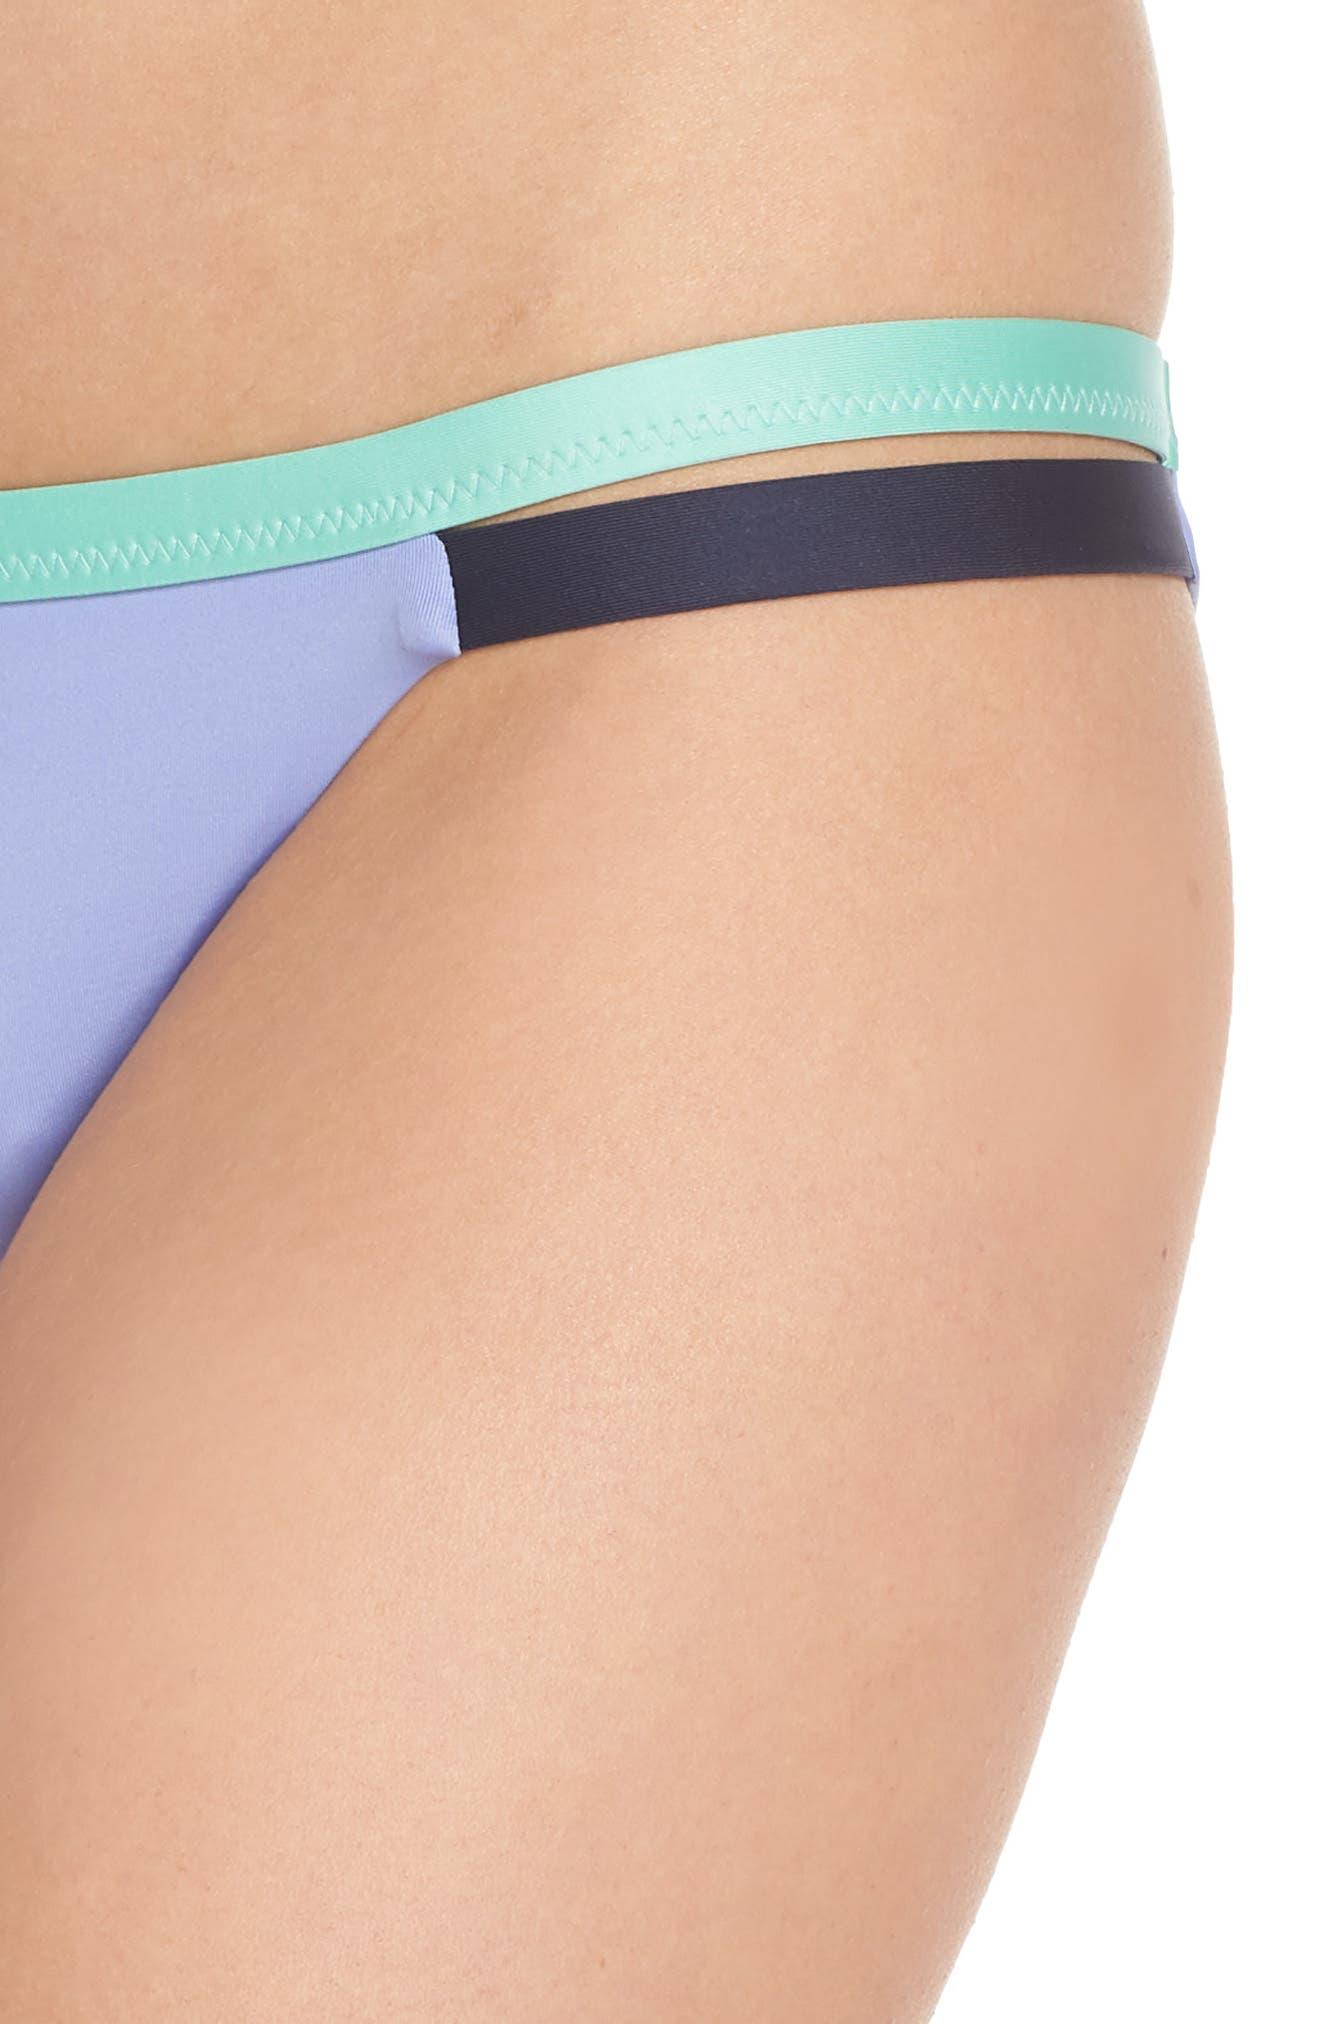 PATAGONIA, Nanogrip Bikini Bottoms, Alternate thumbnail 5, color, LIGHT VIOLET BLUE